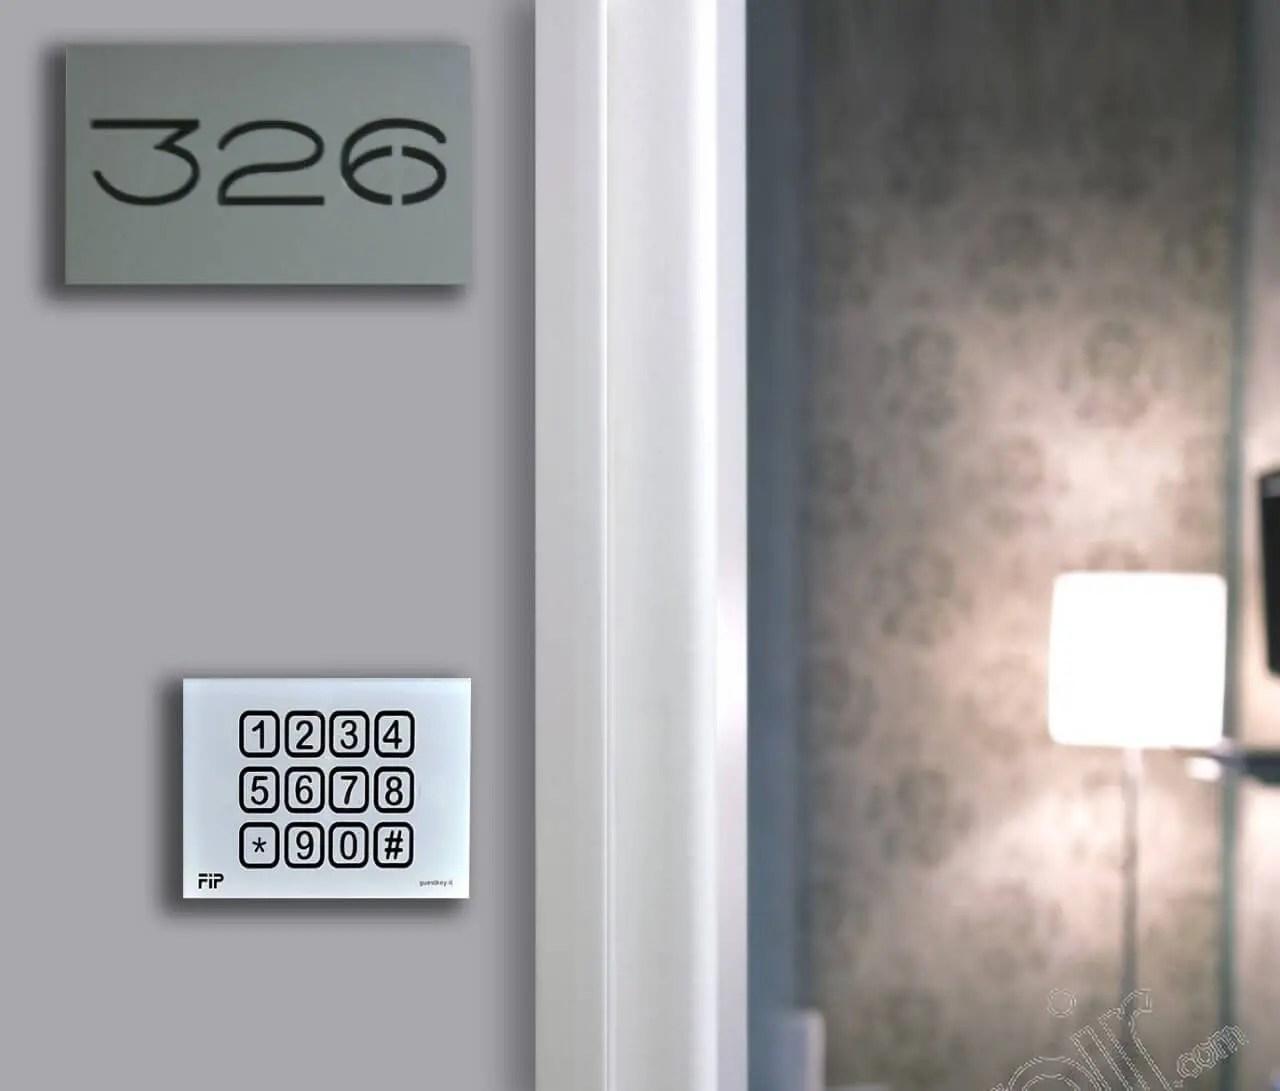 manuale d'uso serratura elettronica hotel